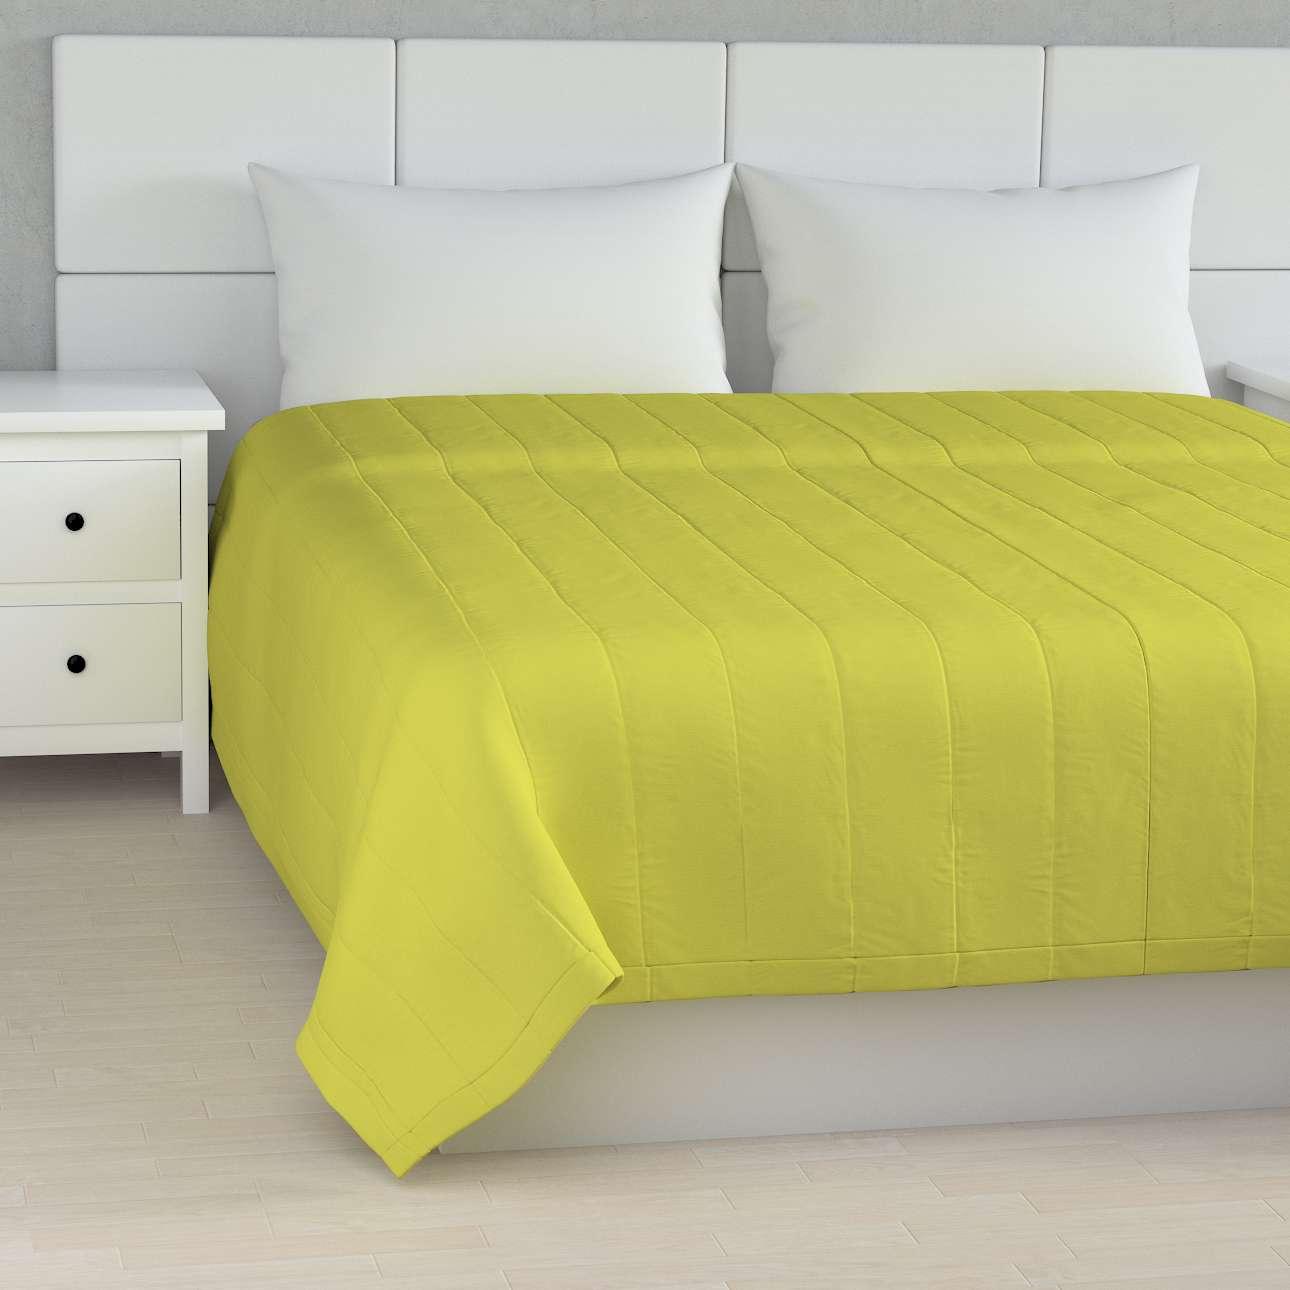 Cuvertura matlasata cu model în colecție Jupiter, țesătură: 127-50